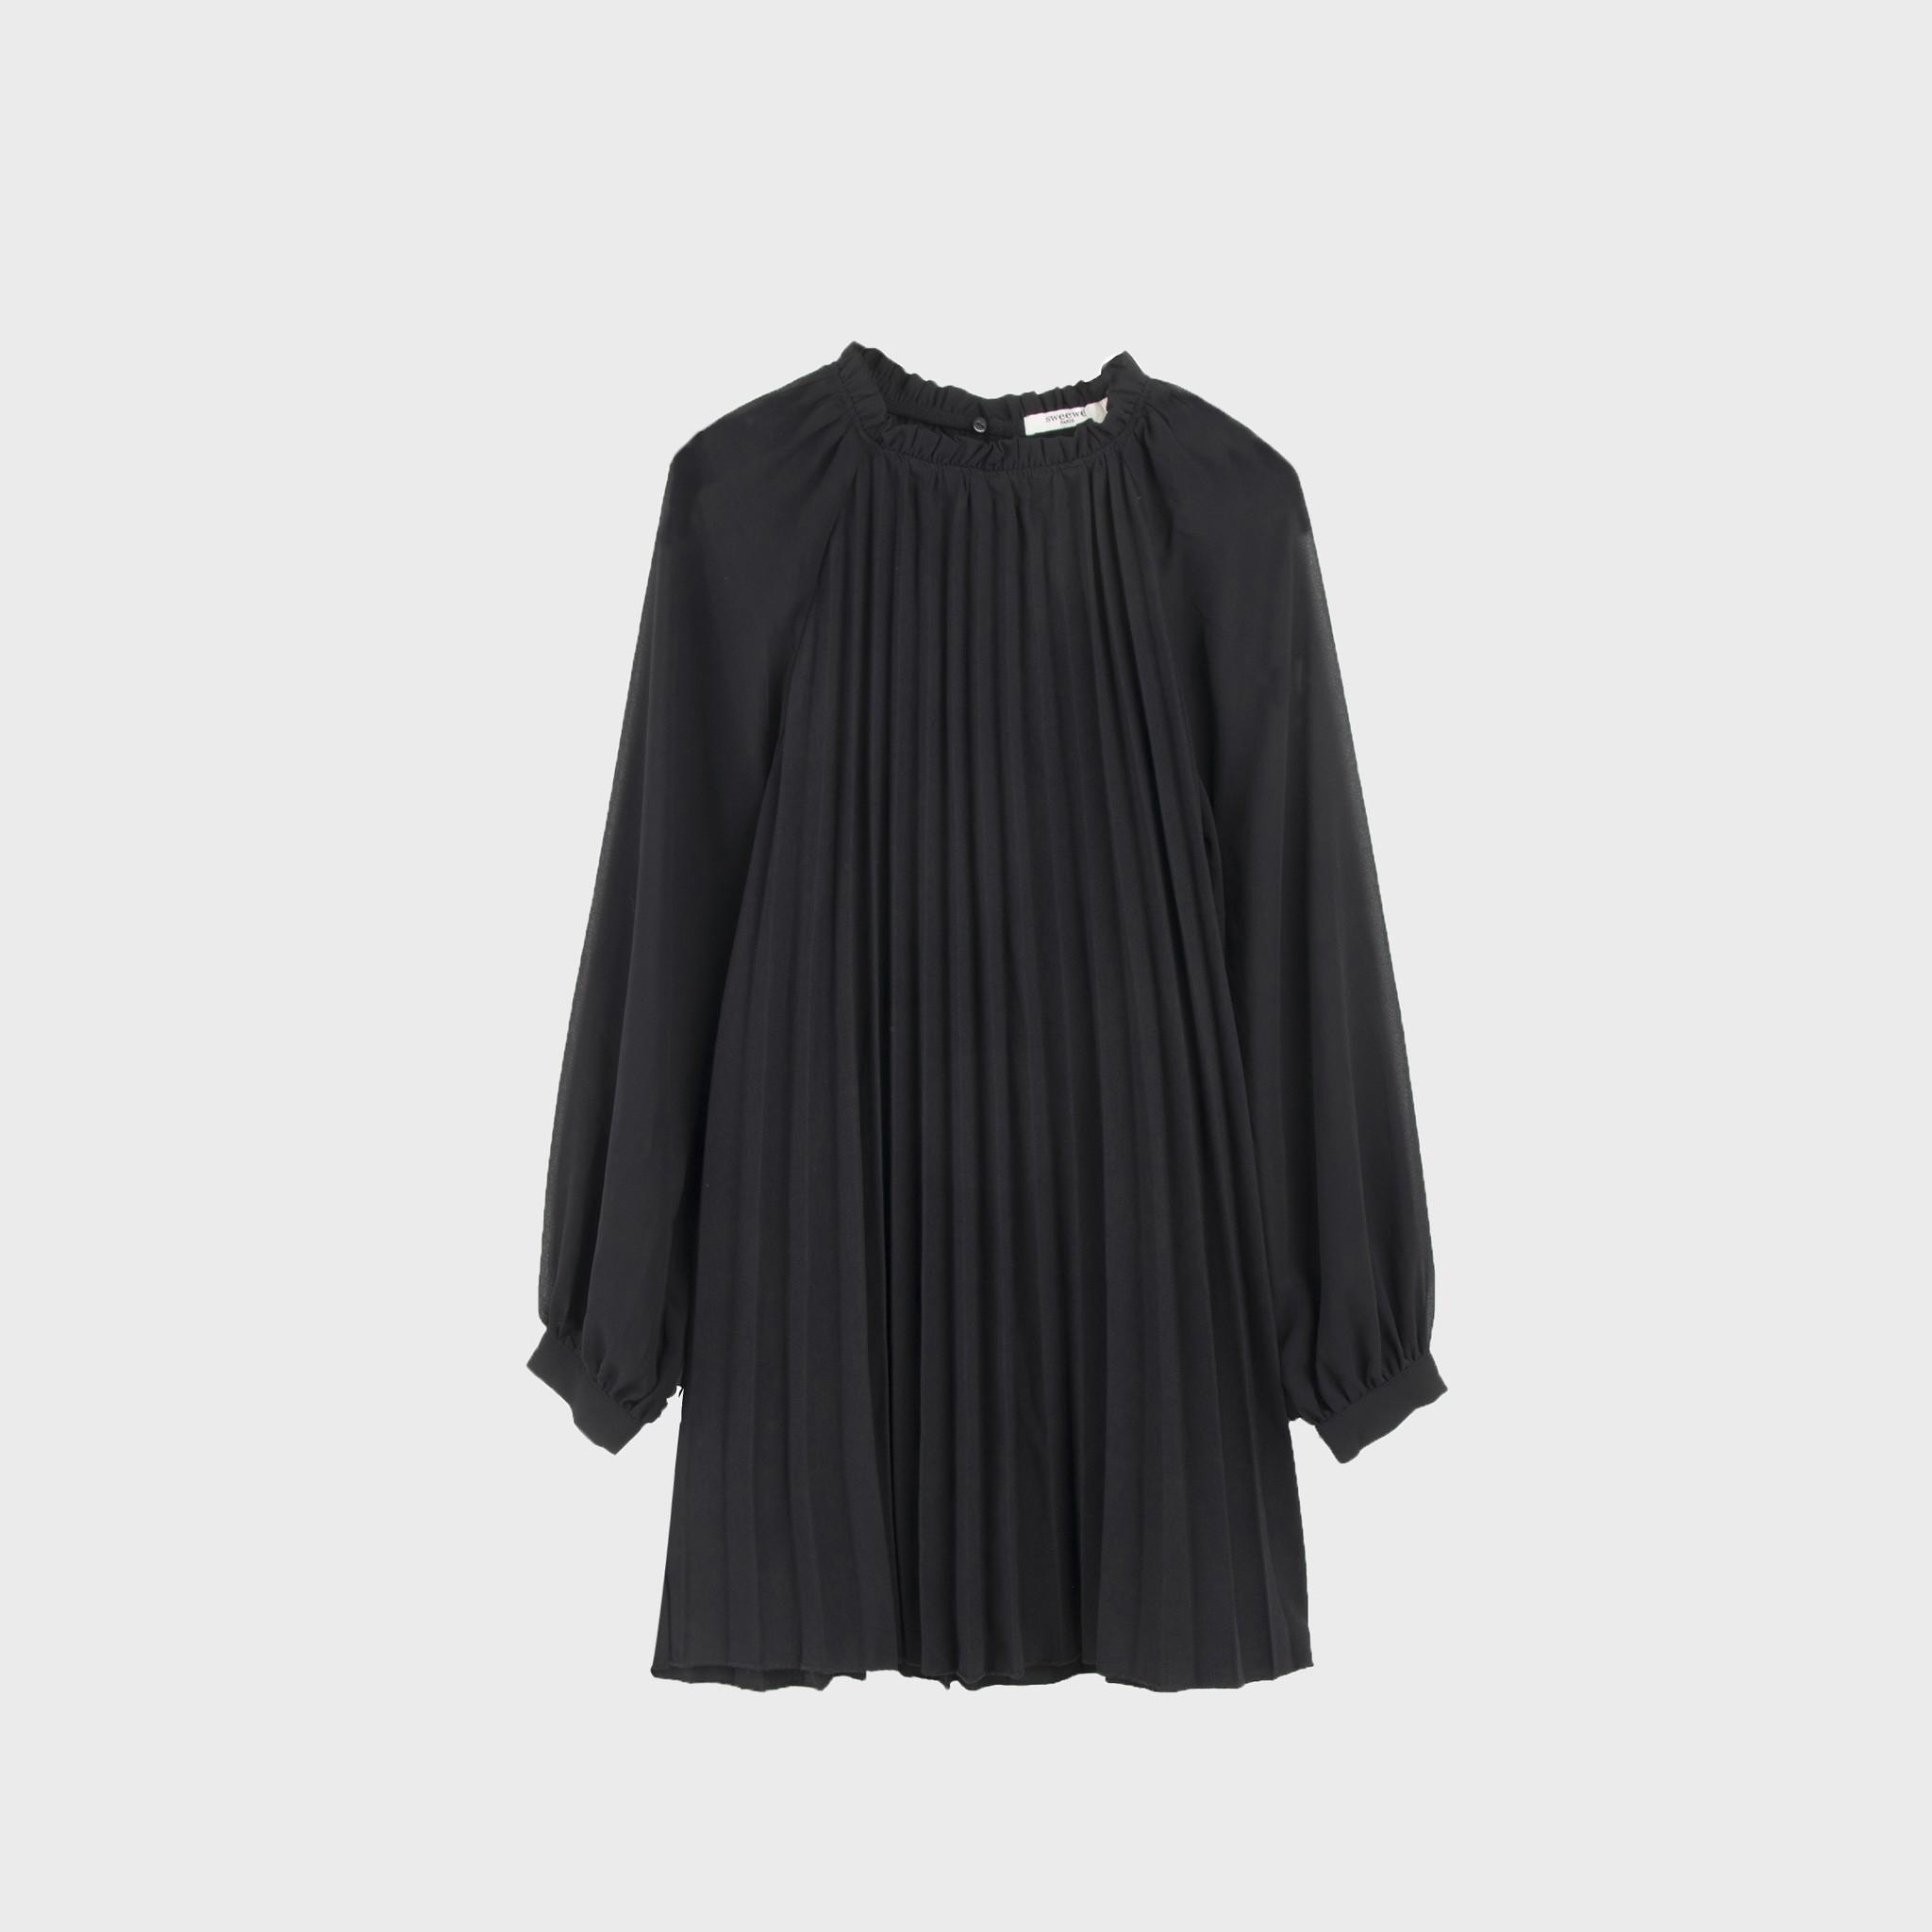 PEPITES robe noir-5